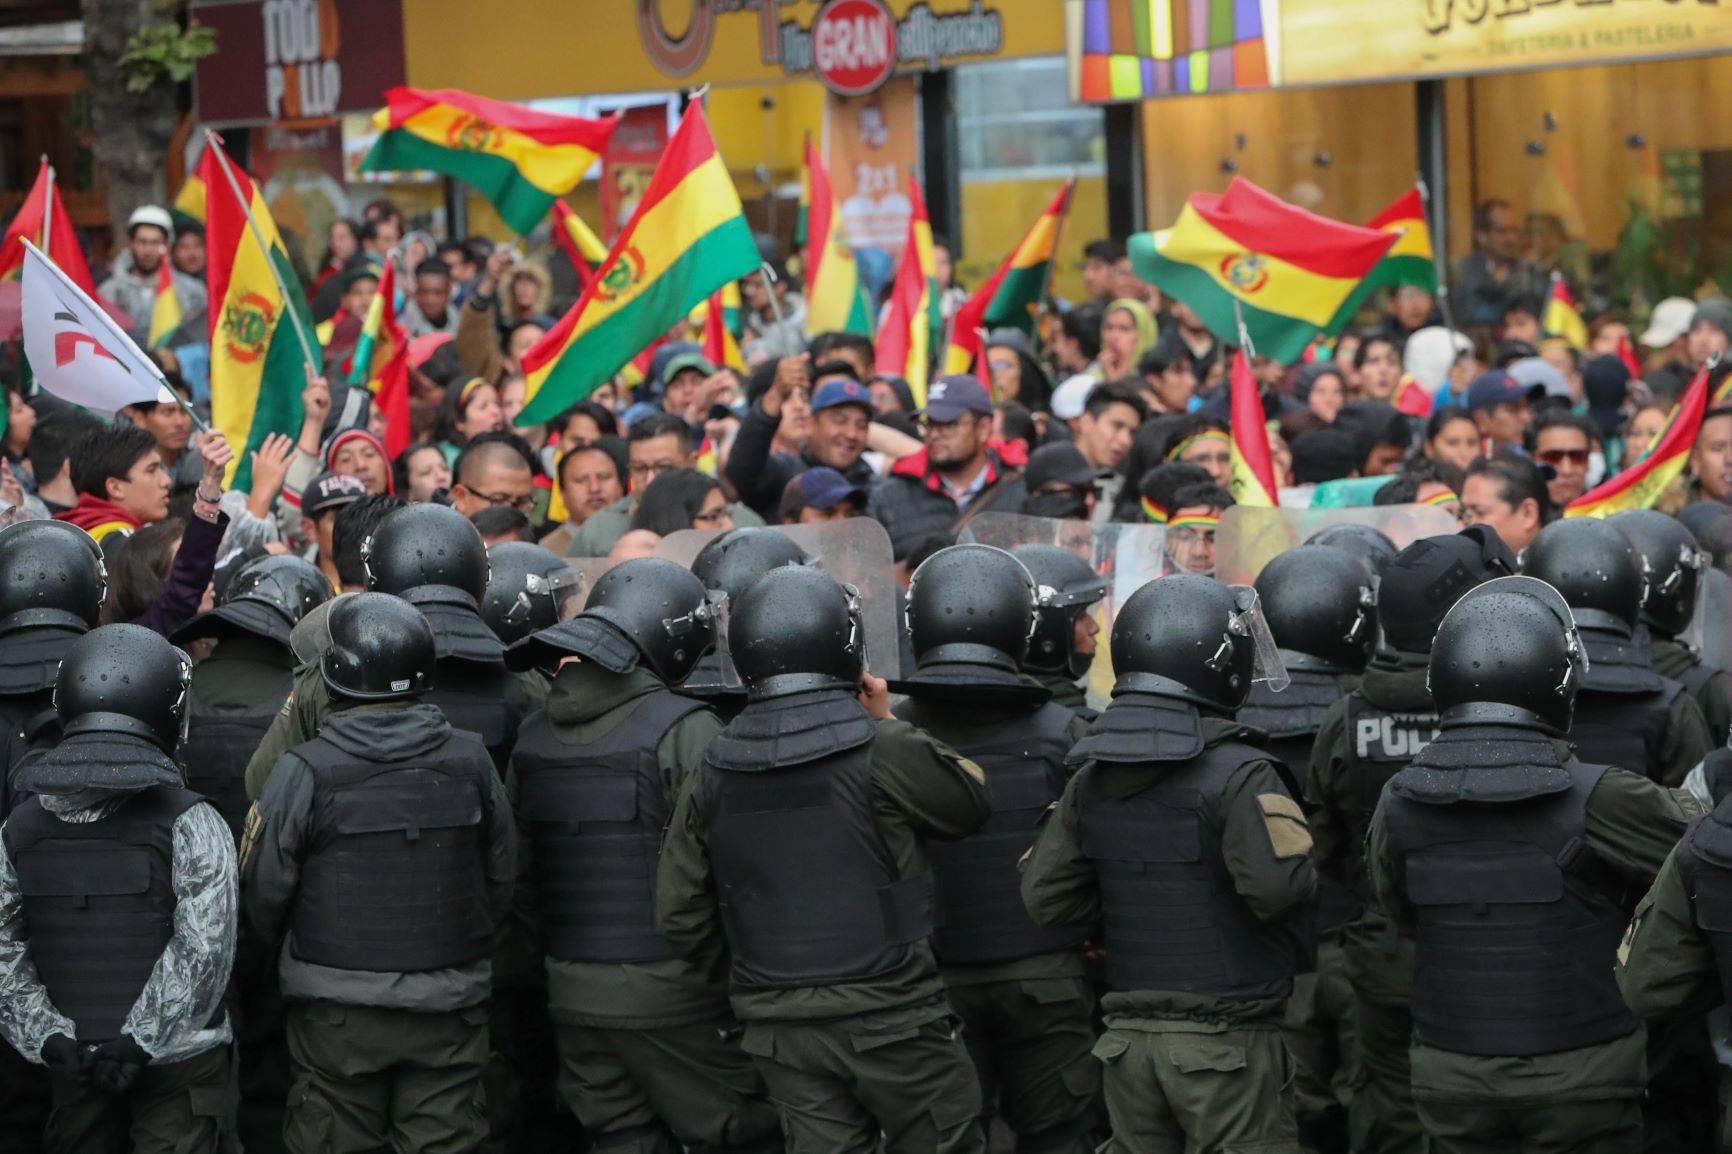 Las protestas en Bolivia terminaron con la caída de Evo Morales